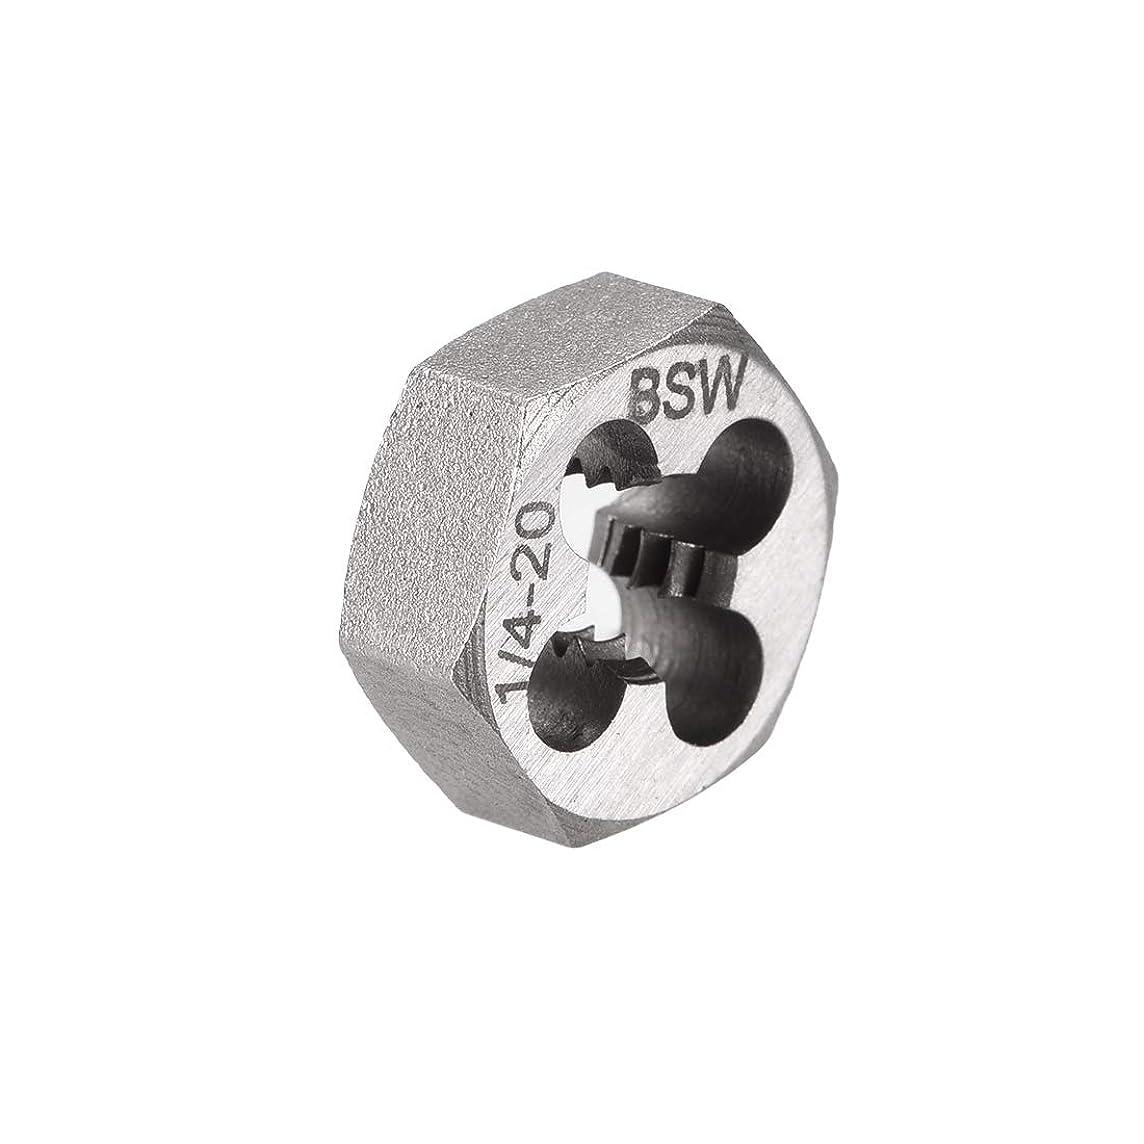 致命的ライトニング見かけ上uxcell 六角ねじ切りダイス ライトハンド 調整可能 BSW 1/4-20 ピッチ HSS (高速度鋼)